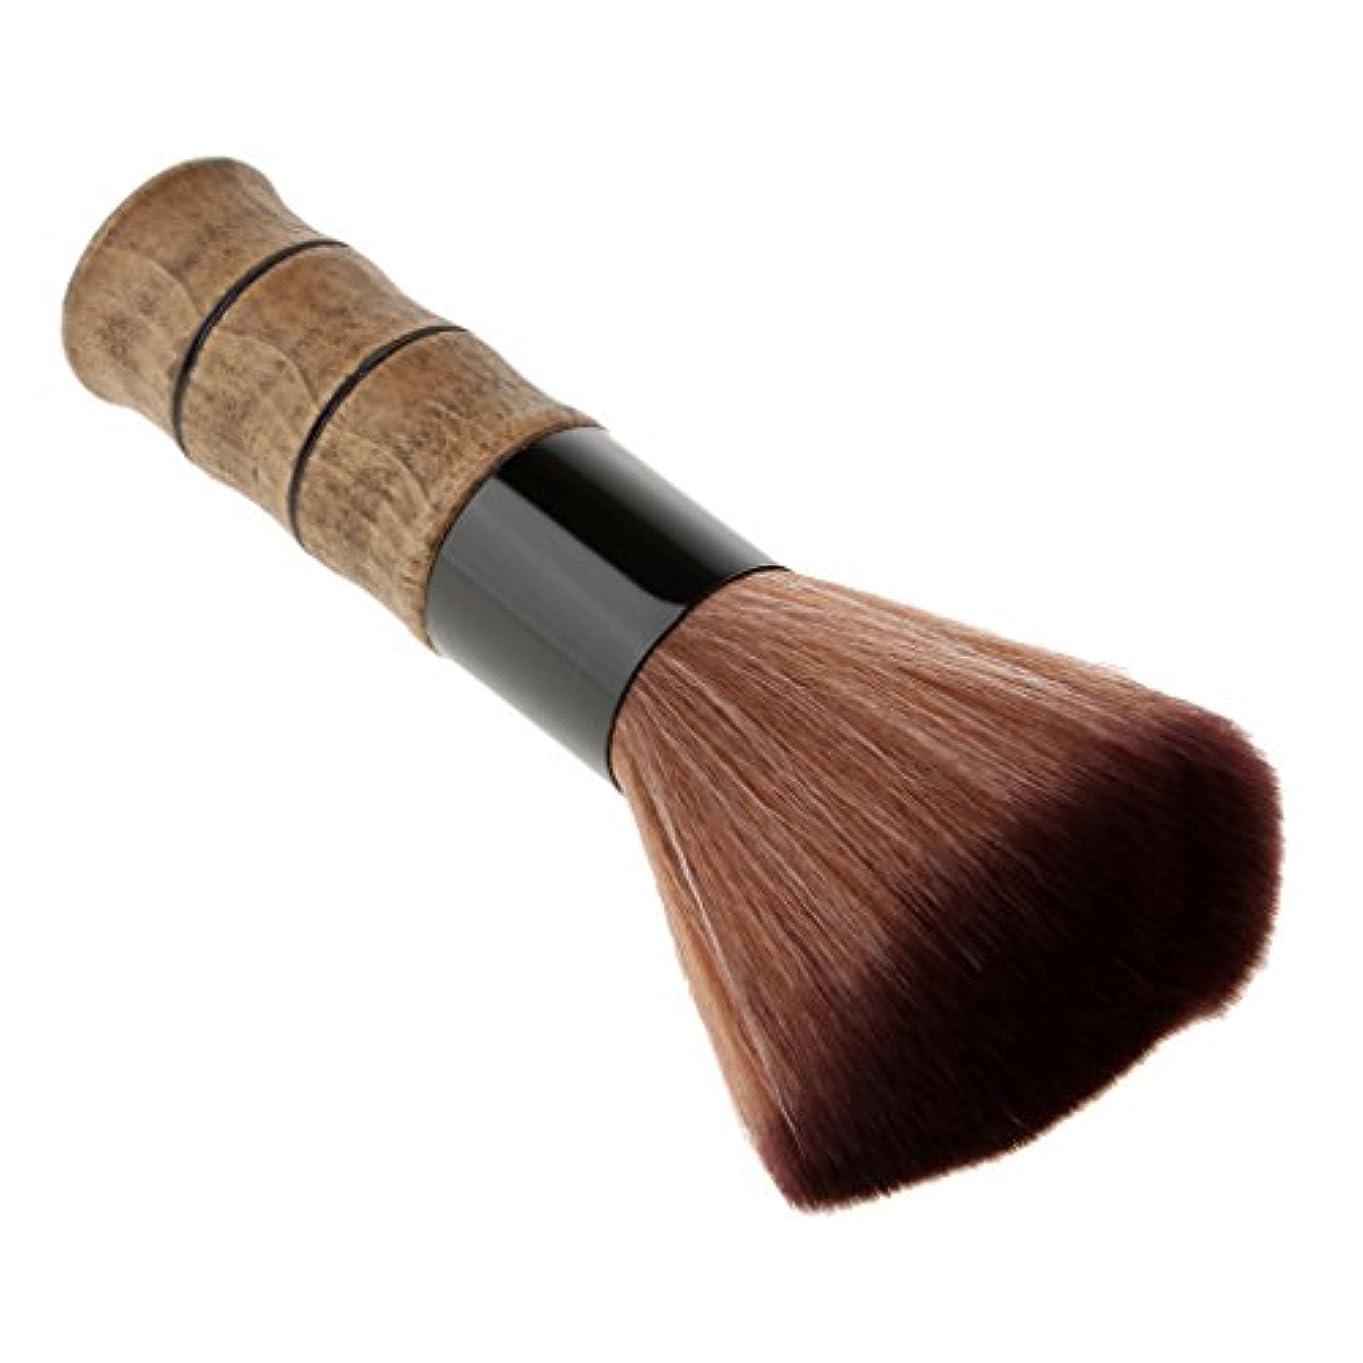 高潔なボウリング法医学Blesiya シェービングブラシ 洗顔 化粧ブラシ メイクブラシ ソフトファイバー ブラシ スキンケア メイクアップ 高品質 2色選べる - 褐色